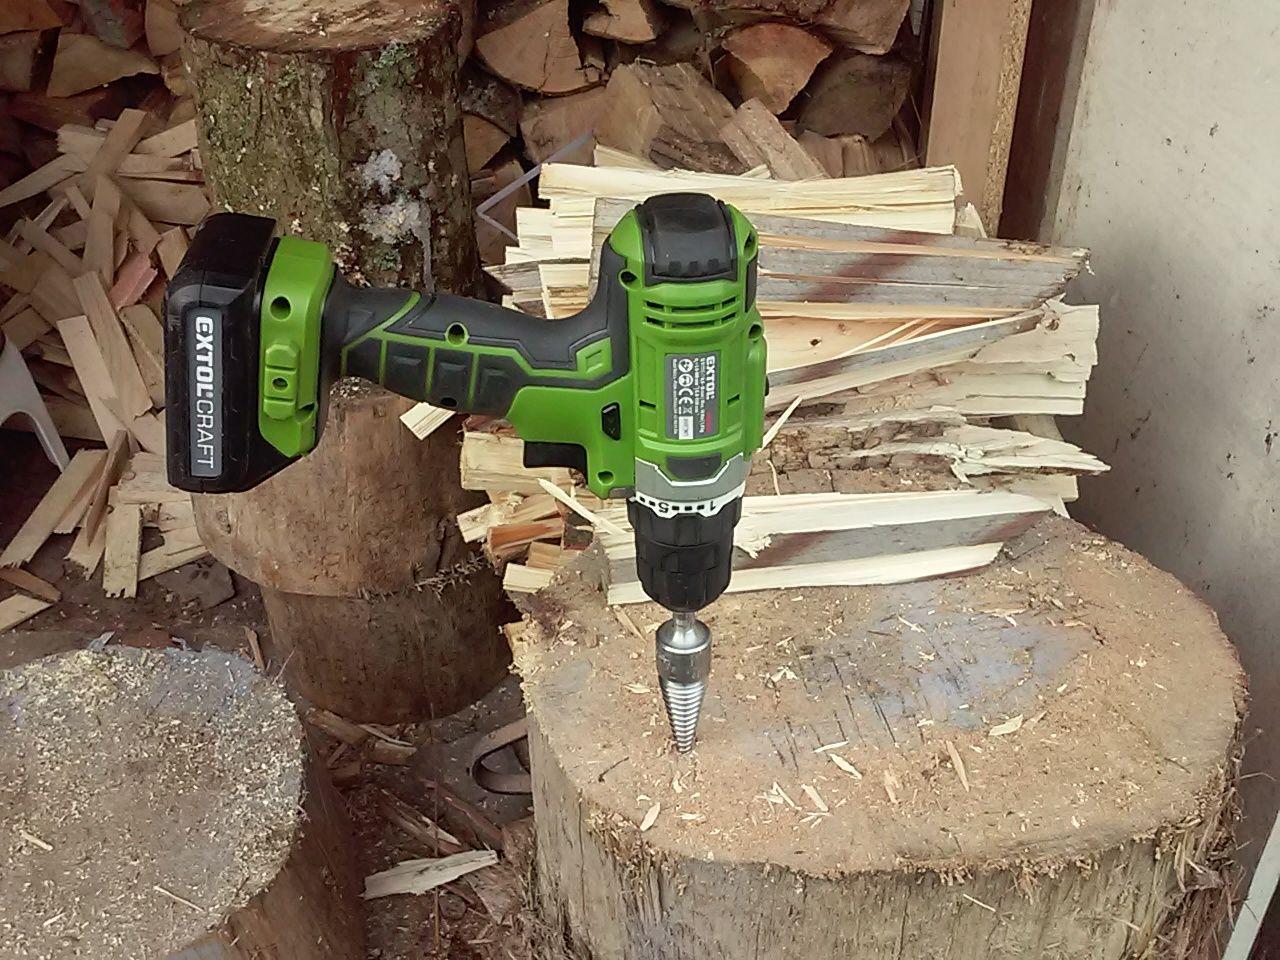 Holzspalter Kegelspalter Drillkegel Rechtsgewinde für Bohrmaschine Fällkeil g